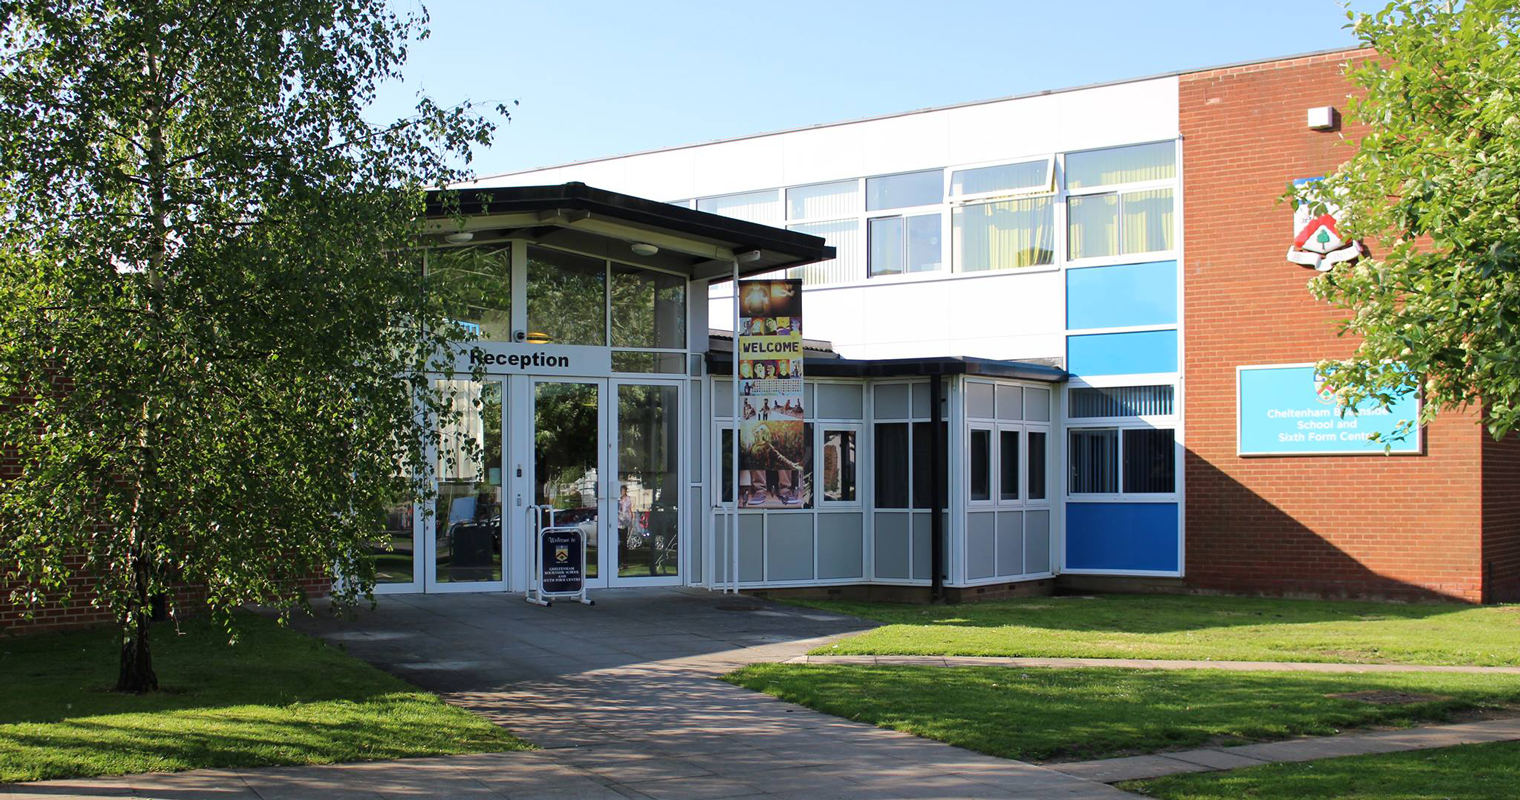 Bournside School